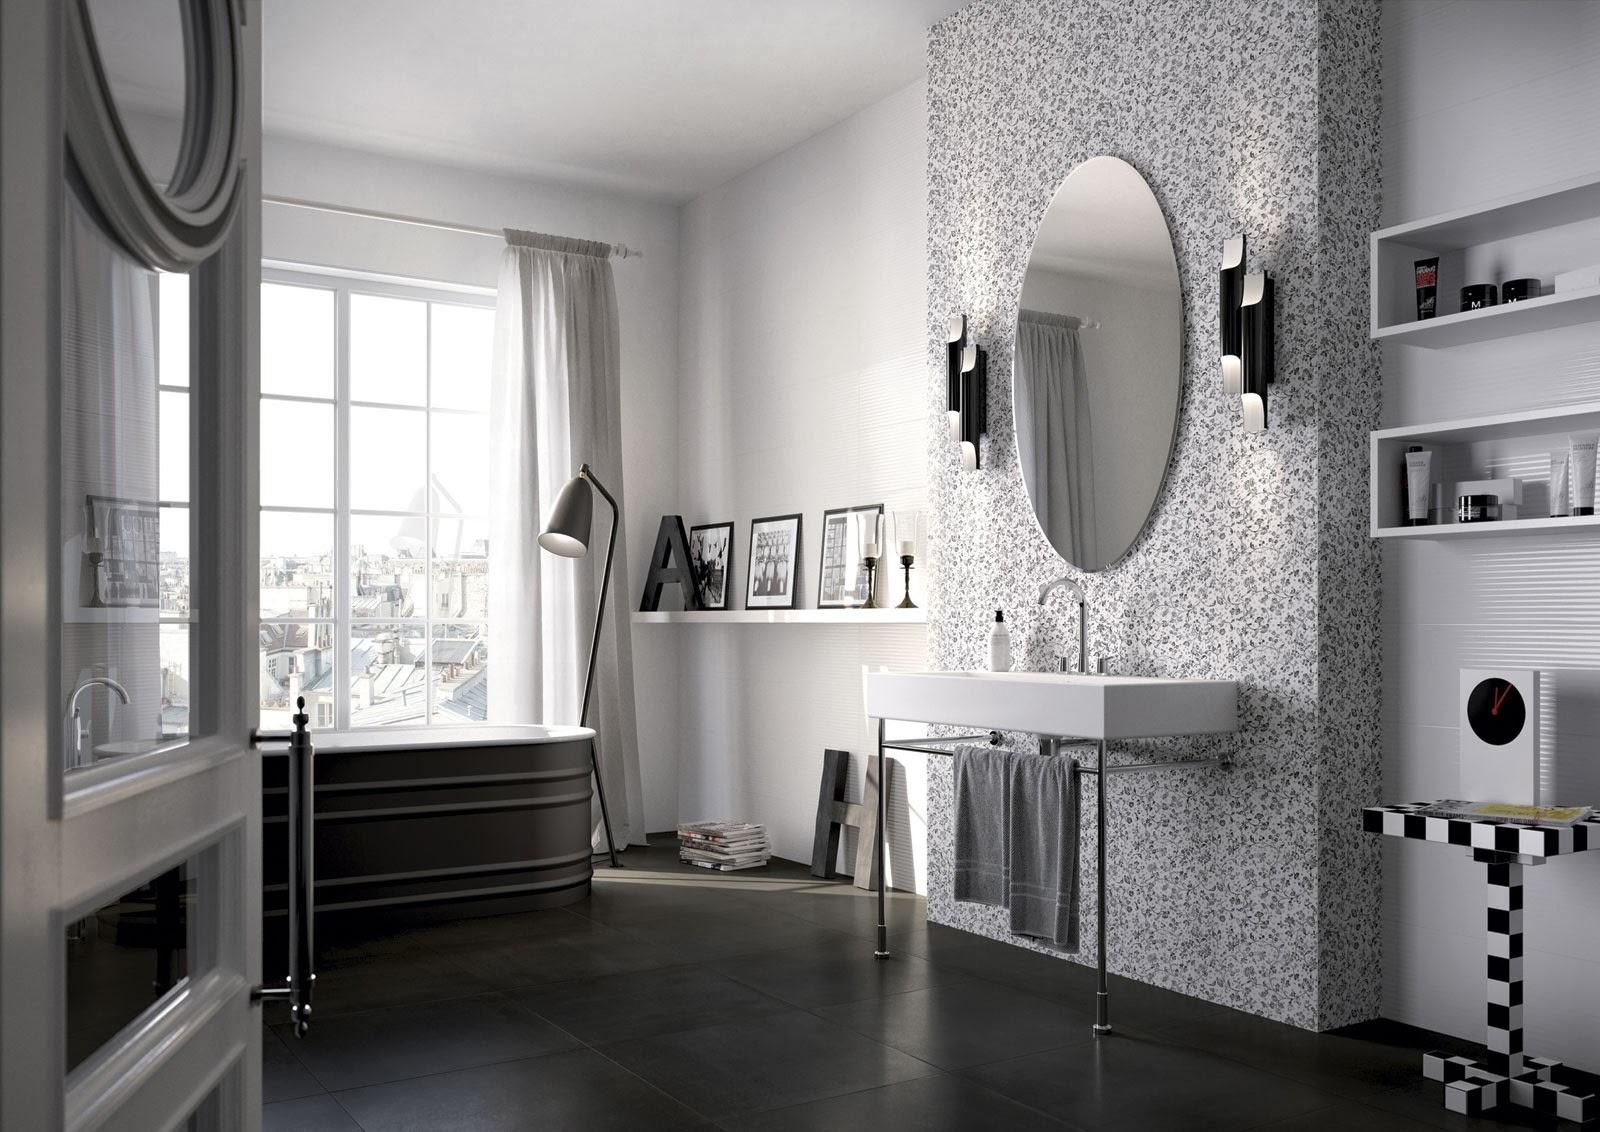 Home garden les salles de bains aubade for Salle de bain aubade